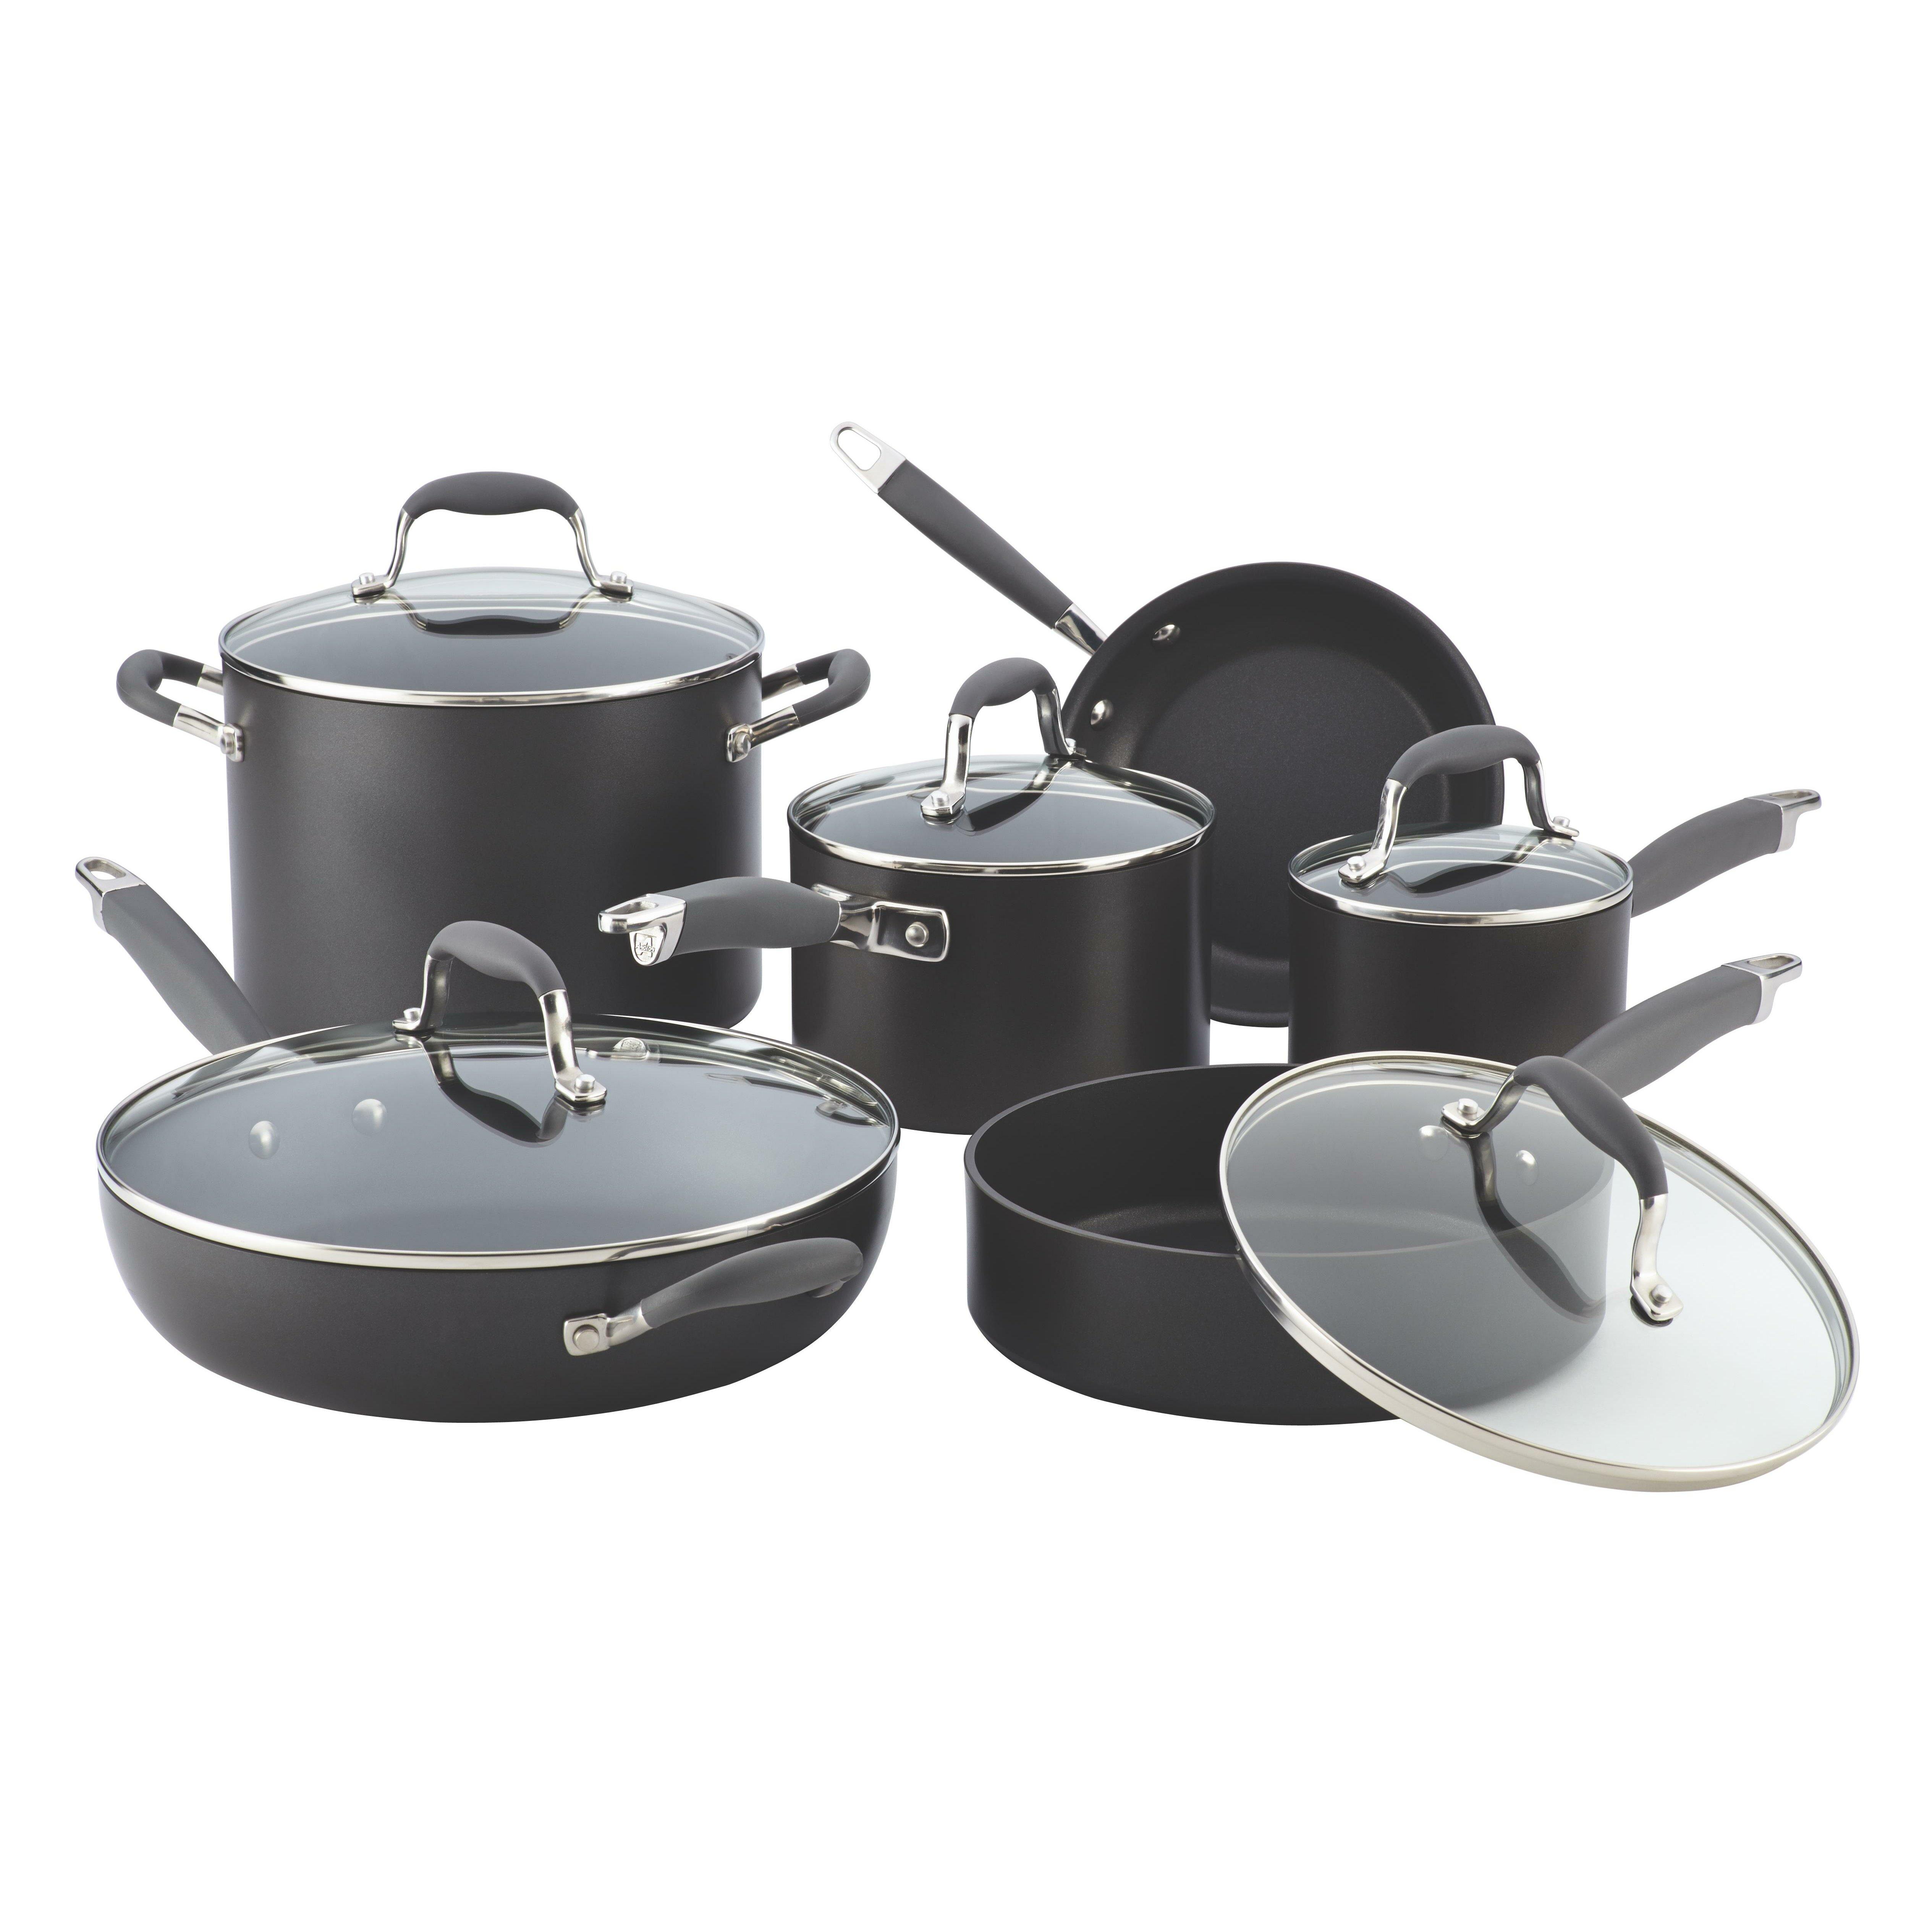 Anolon Advanced 11 Piece Cookware Set Reviews Wayfair